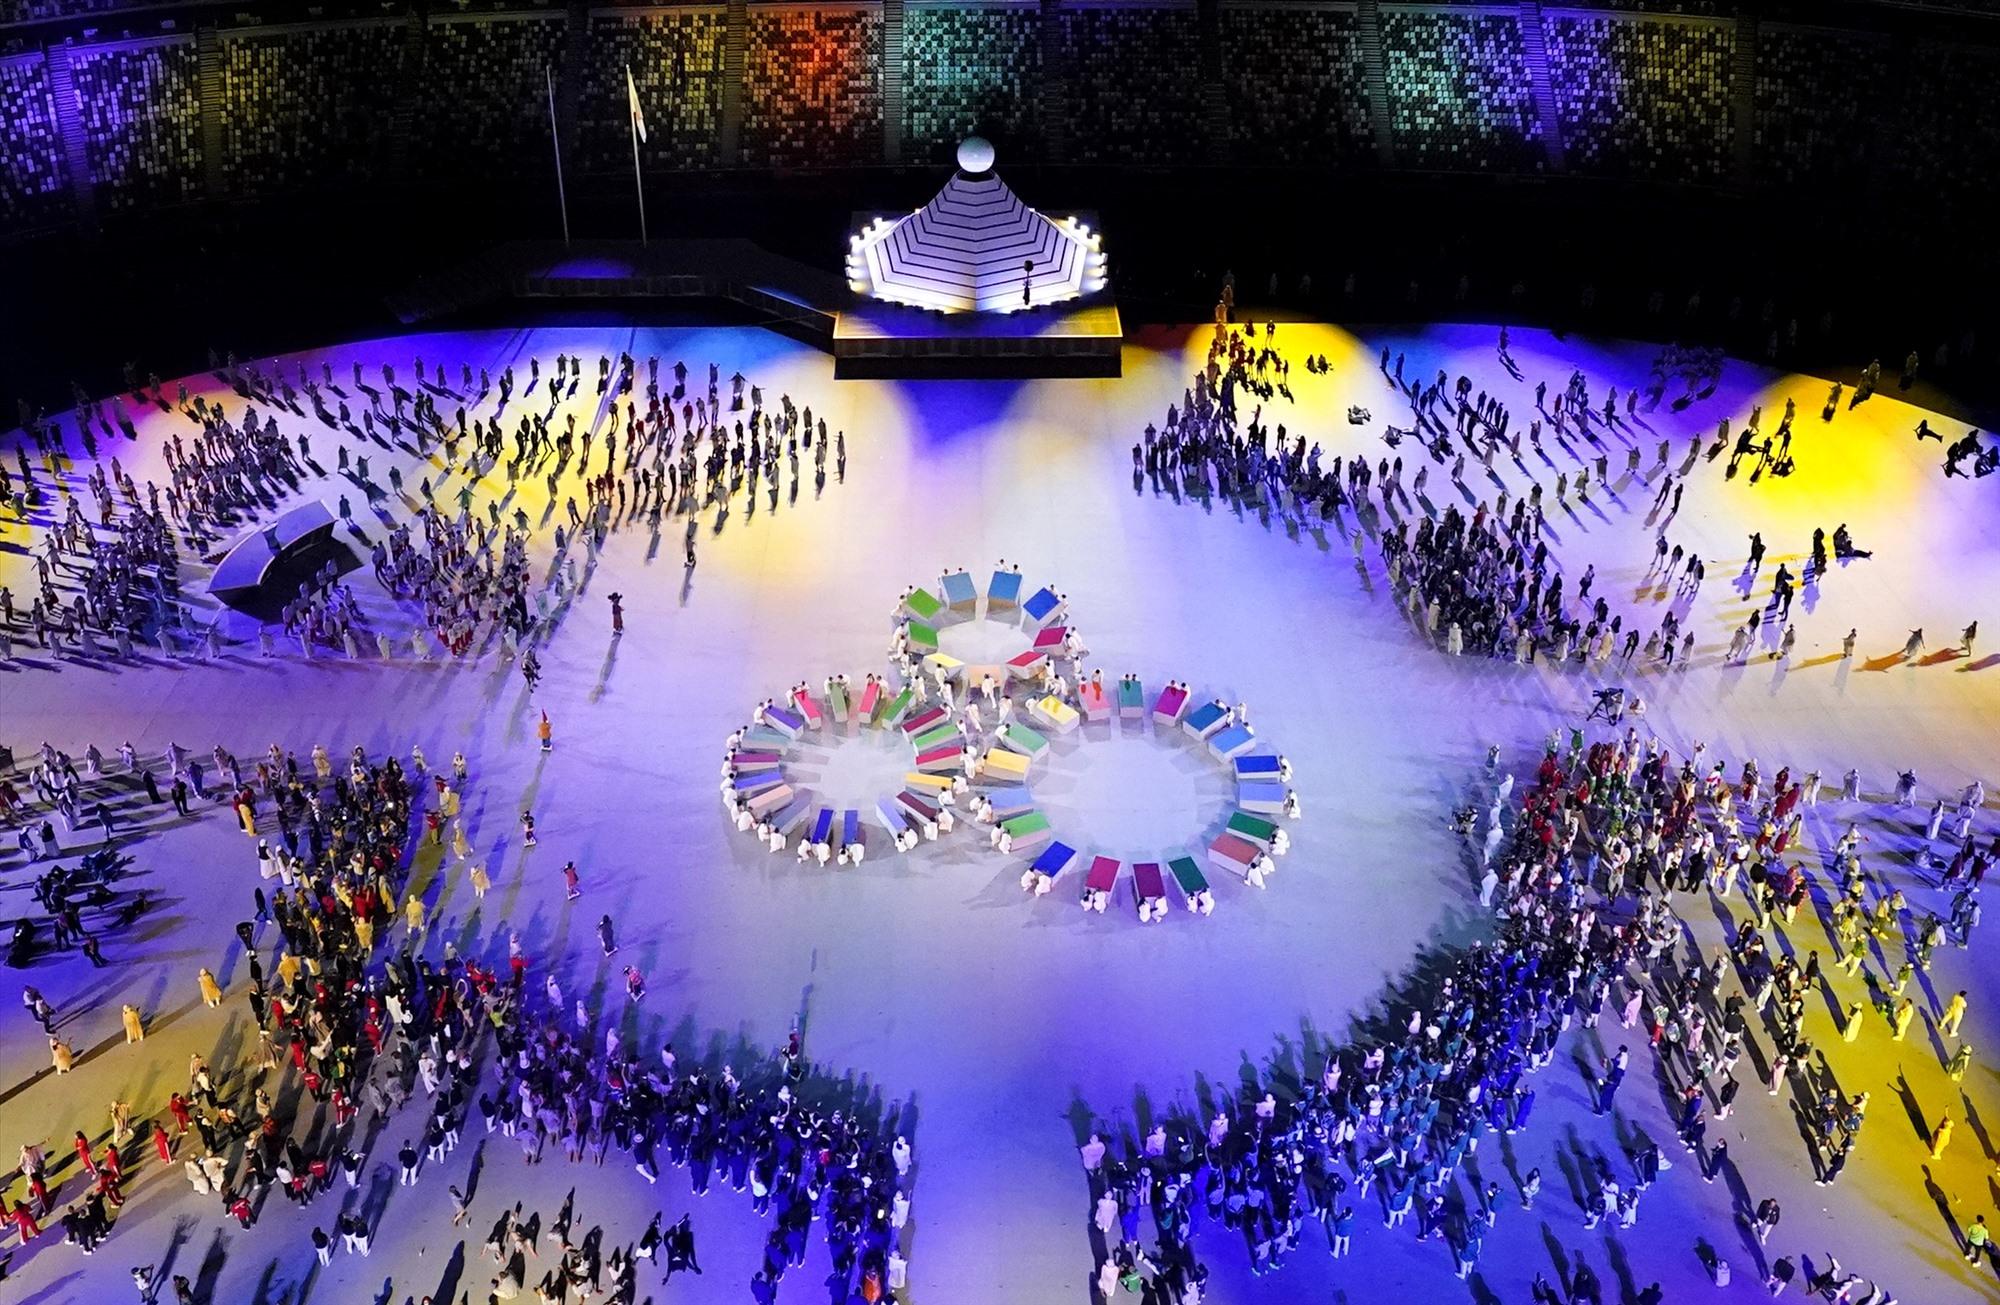 Các đoàn thể thao đến từ khoảng 200 quốc gia lần lượt tham gia diễu hành. Ảnh: Reuters